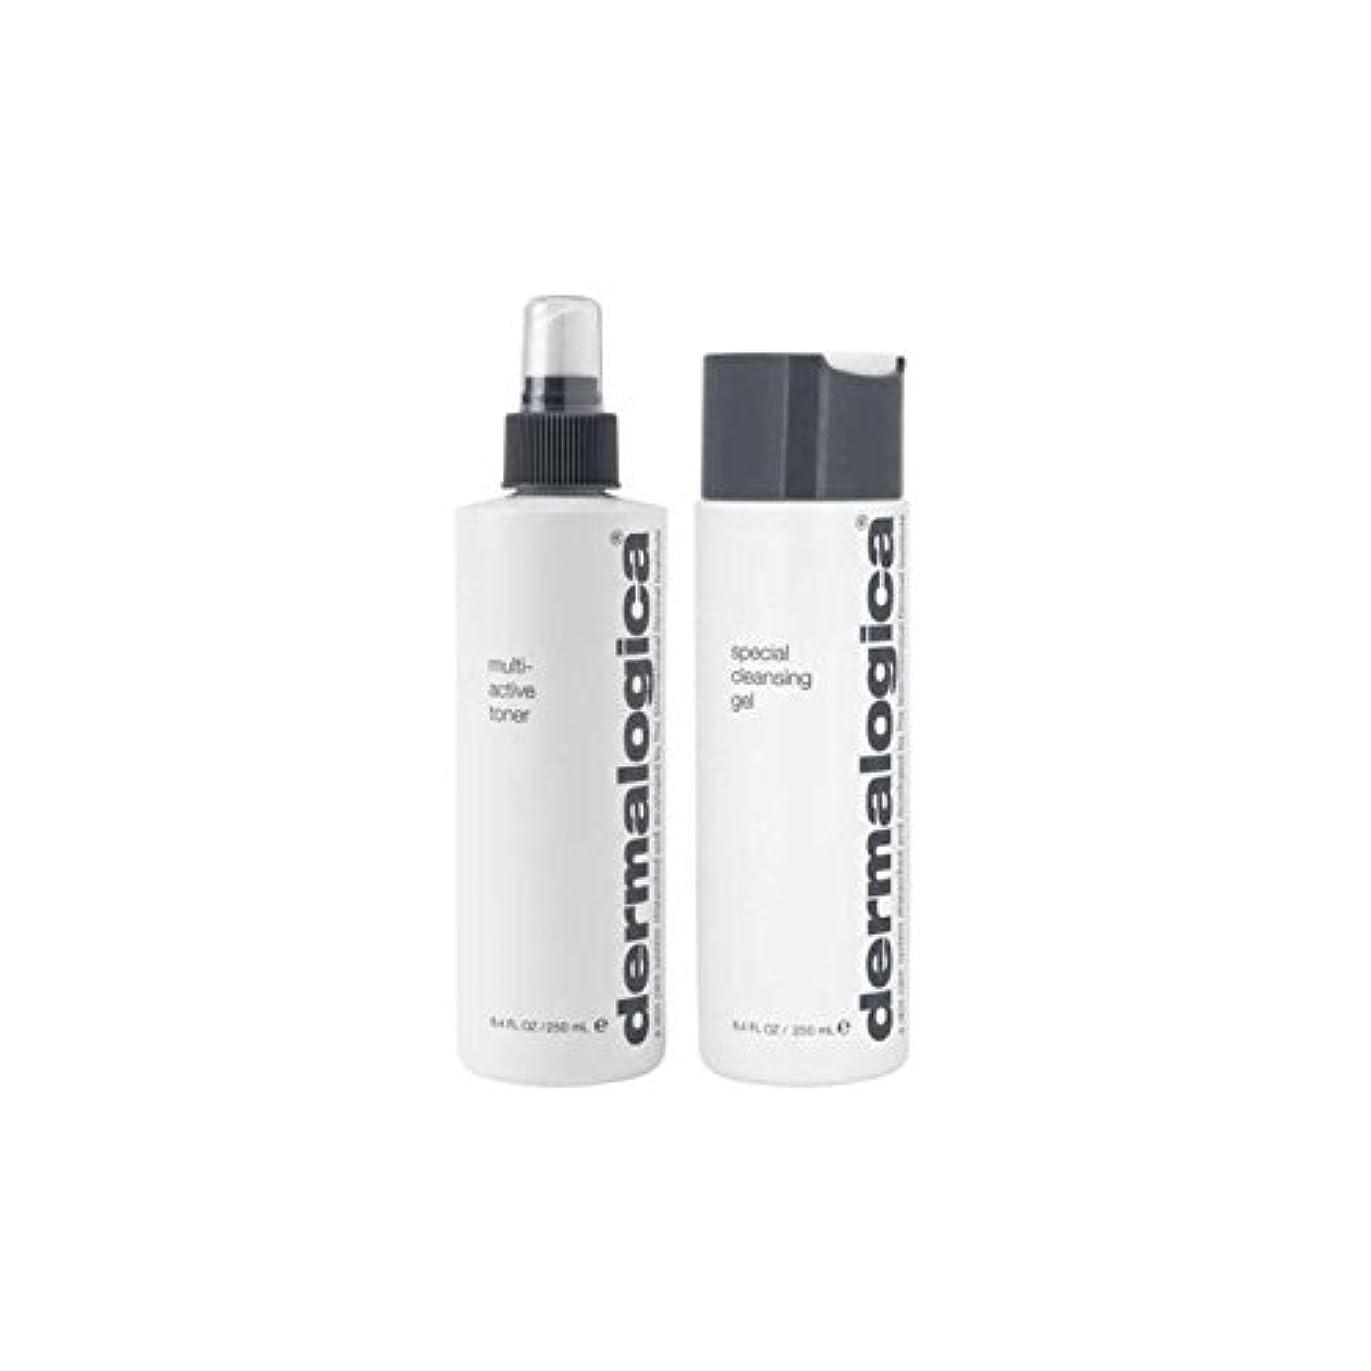 紀元前タヒチ共役ダーマロジカクレンジング&トーンデュオ - ノーマル/ドライスキン(2製品) x4 - Dermalogica Cleanse & Tone Duo - Normal/Dry Skin (2 Products) (Pack...